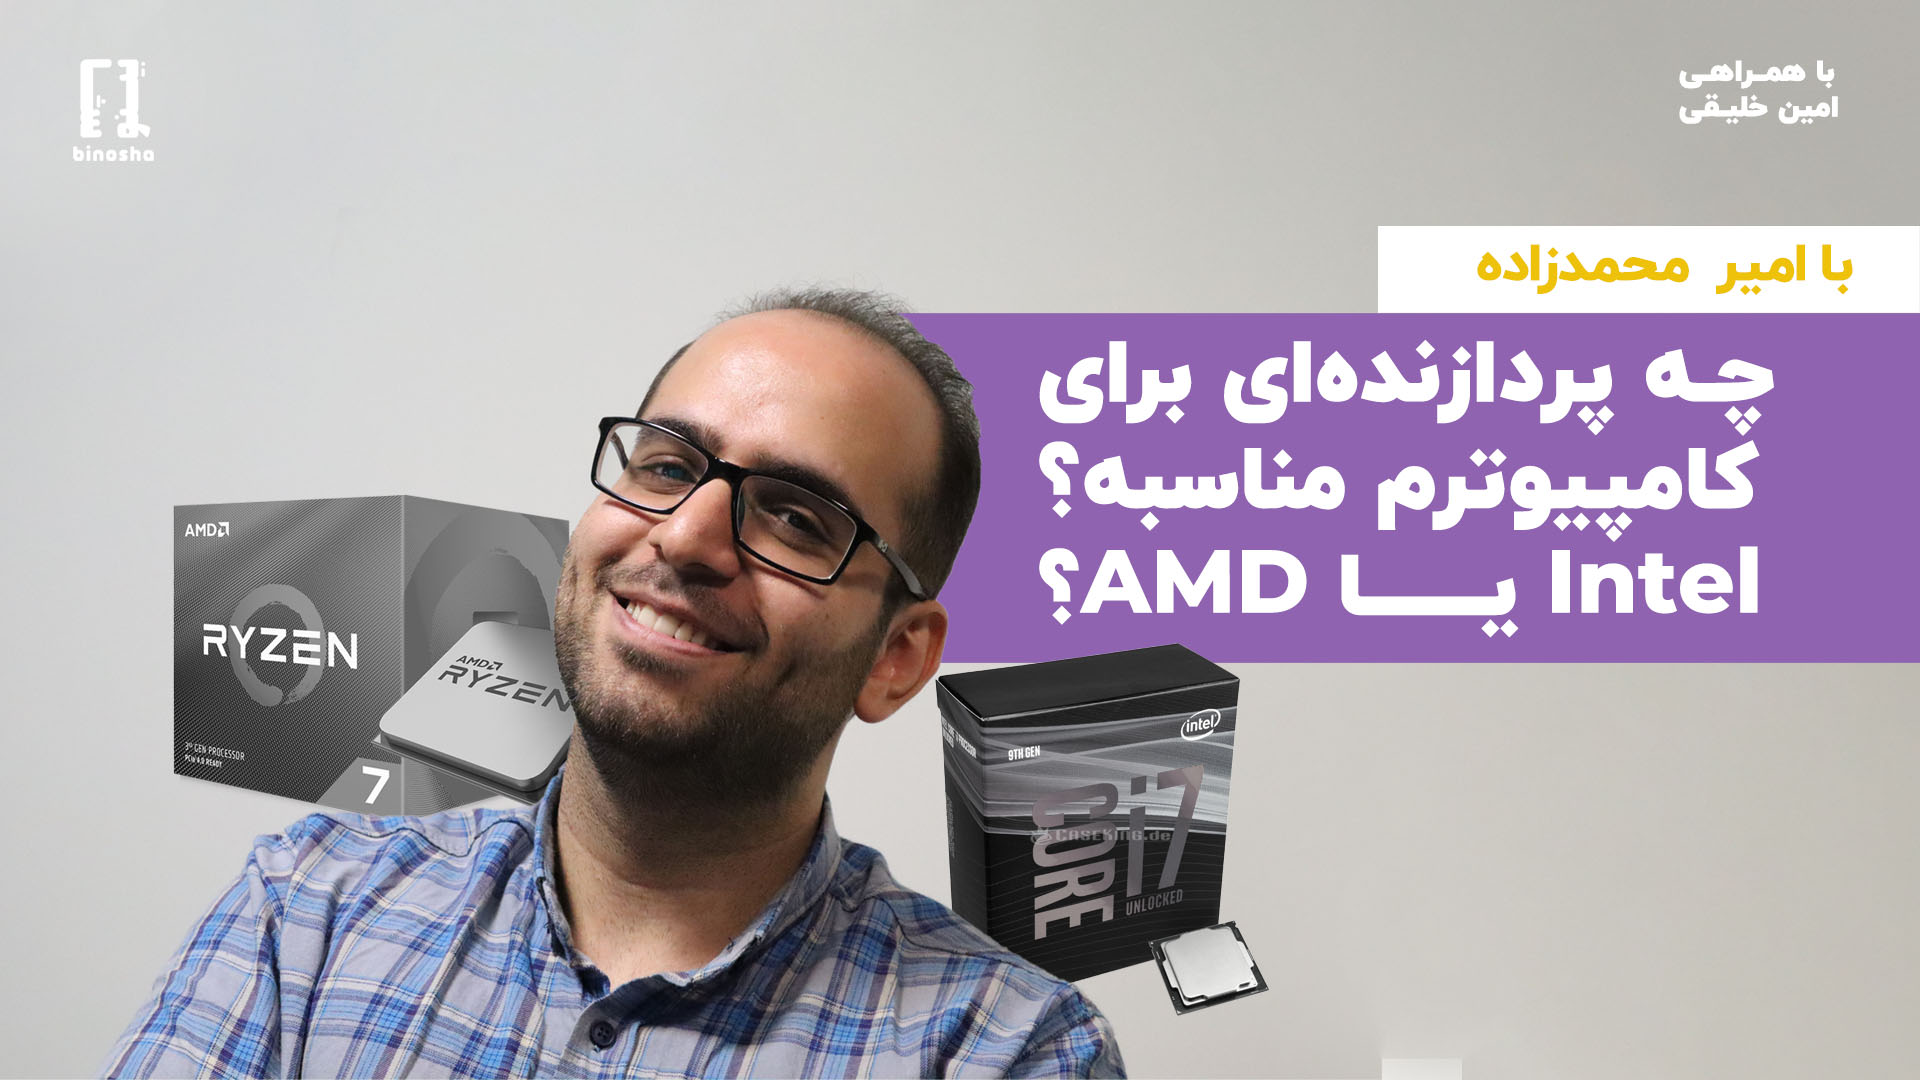 چه پردازندهای برای کامپیوترم مناسبه؟ اینتل یا AMD؟